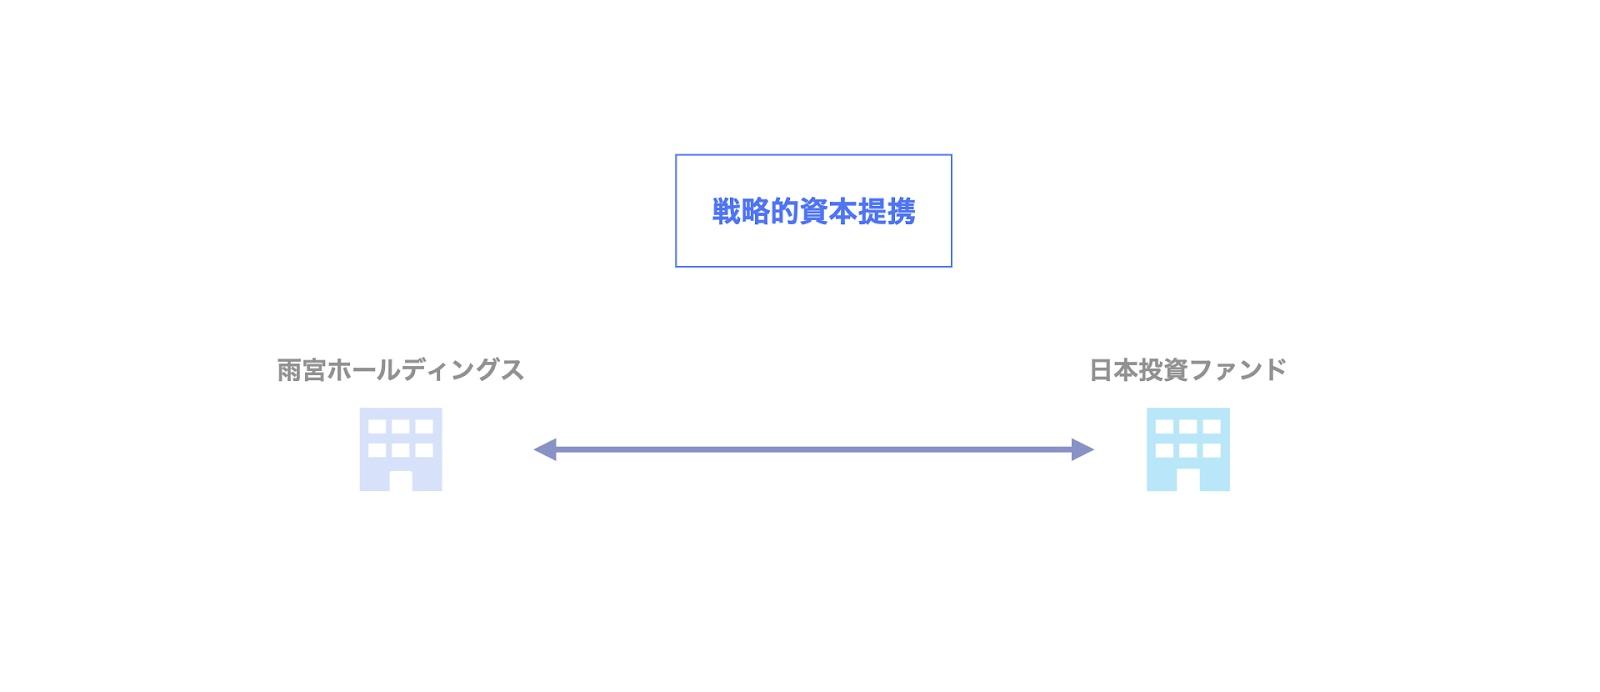 日本投資ファンドによる雨宮ホールディングスへの投資